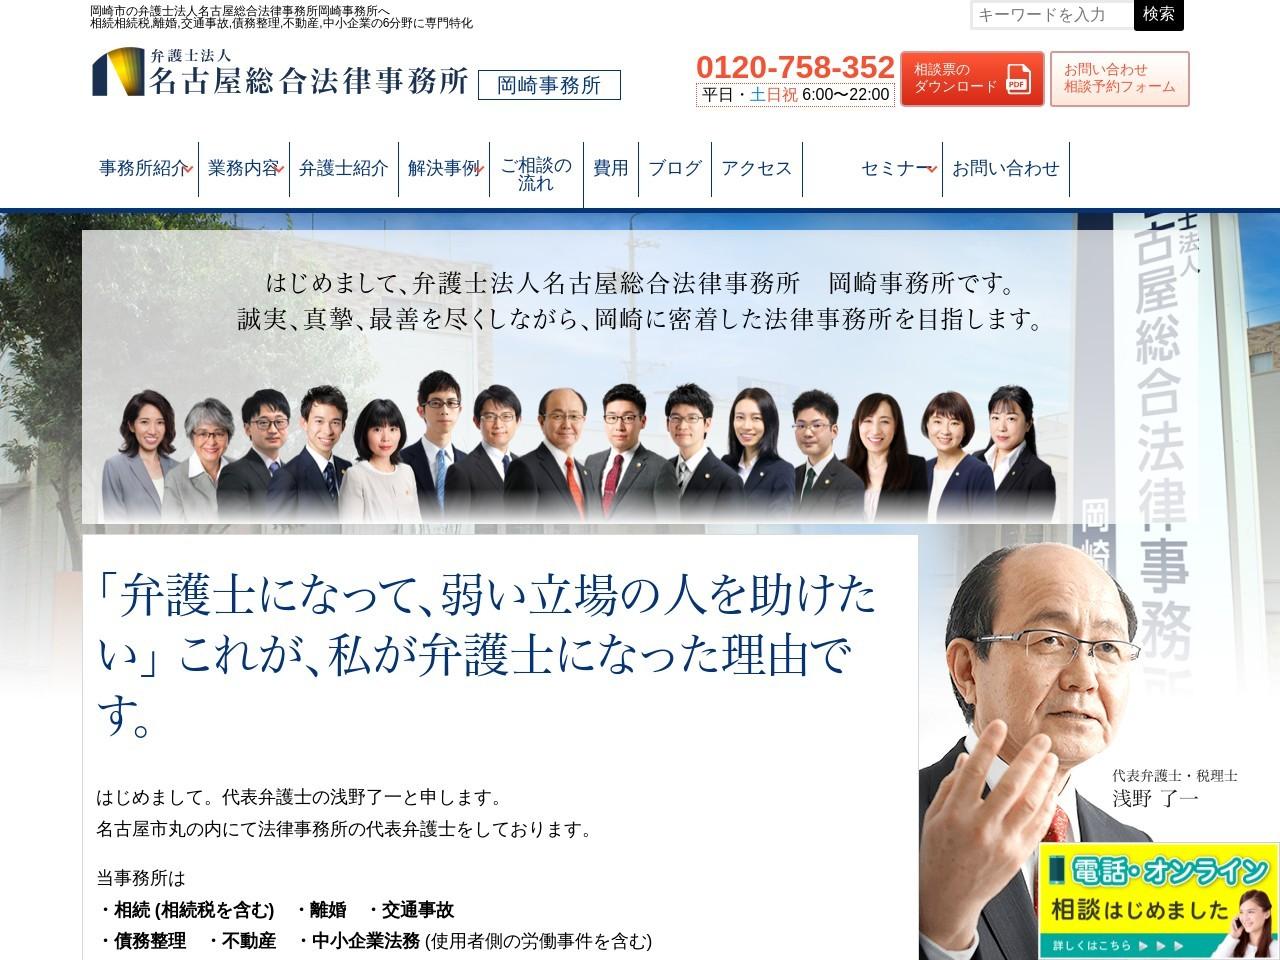 名古屋総合法律事務所(弁護士法人)岡崎事務所